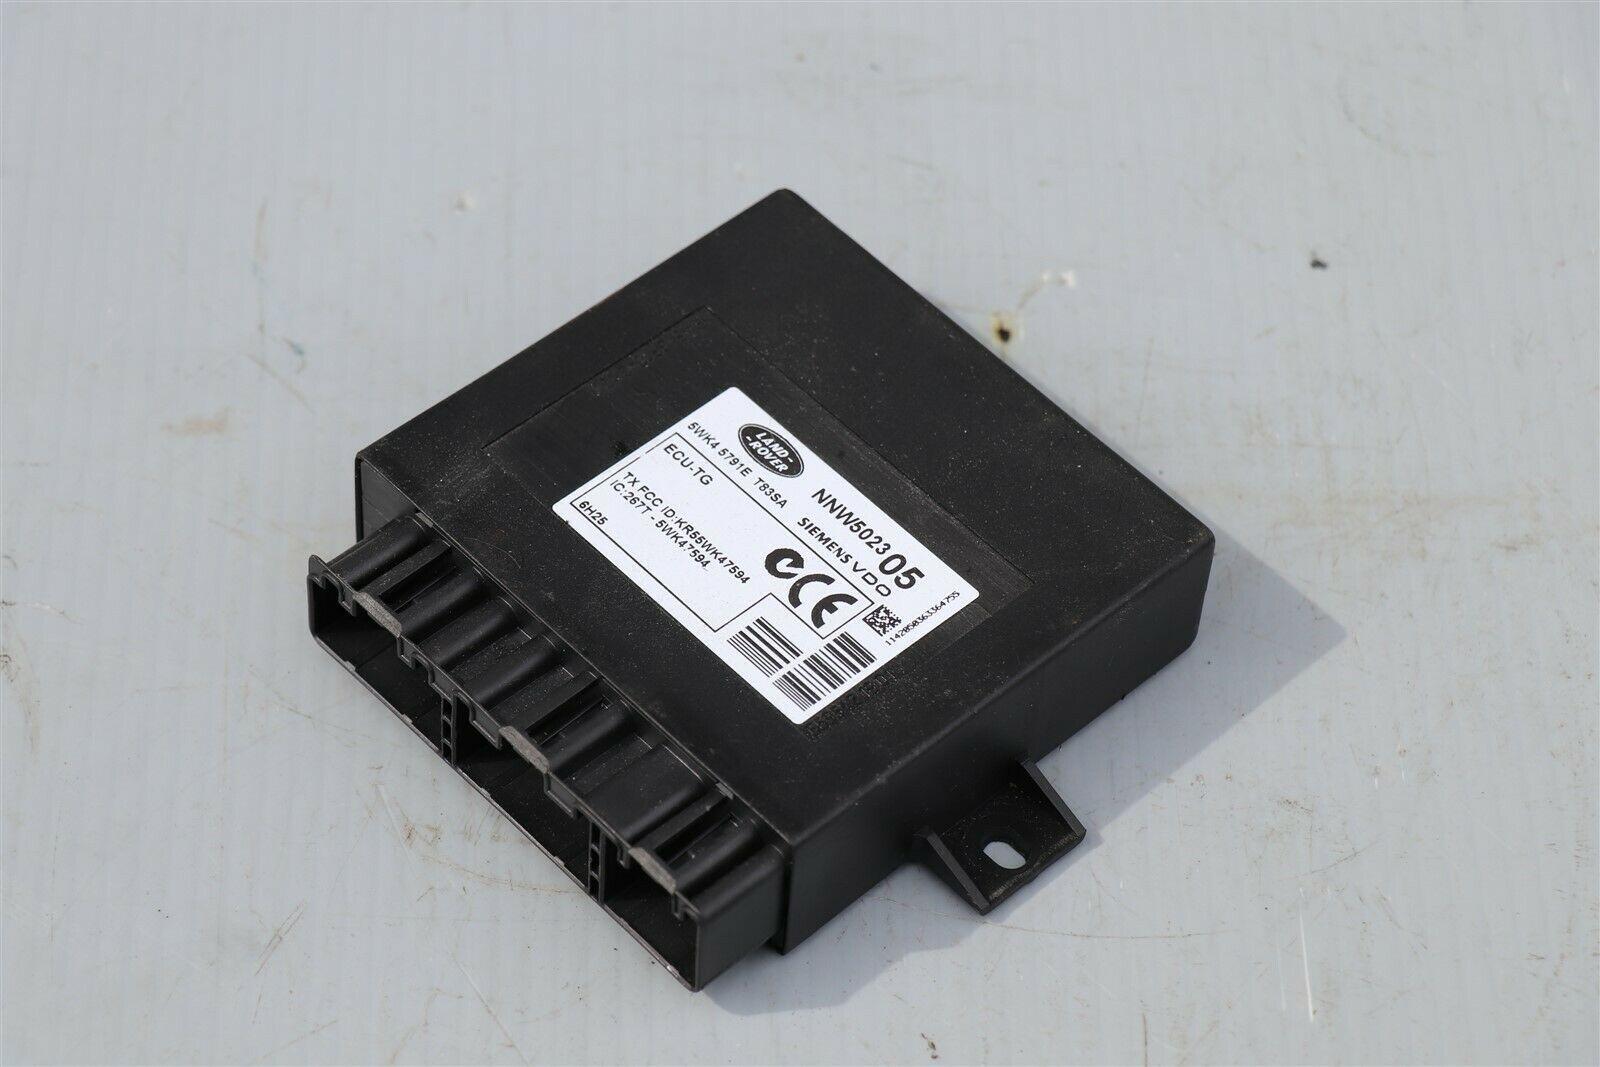 2007 Range Rover L322 Pressure Monitor Control Module Unit NNW5023-05